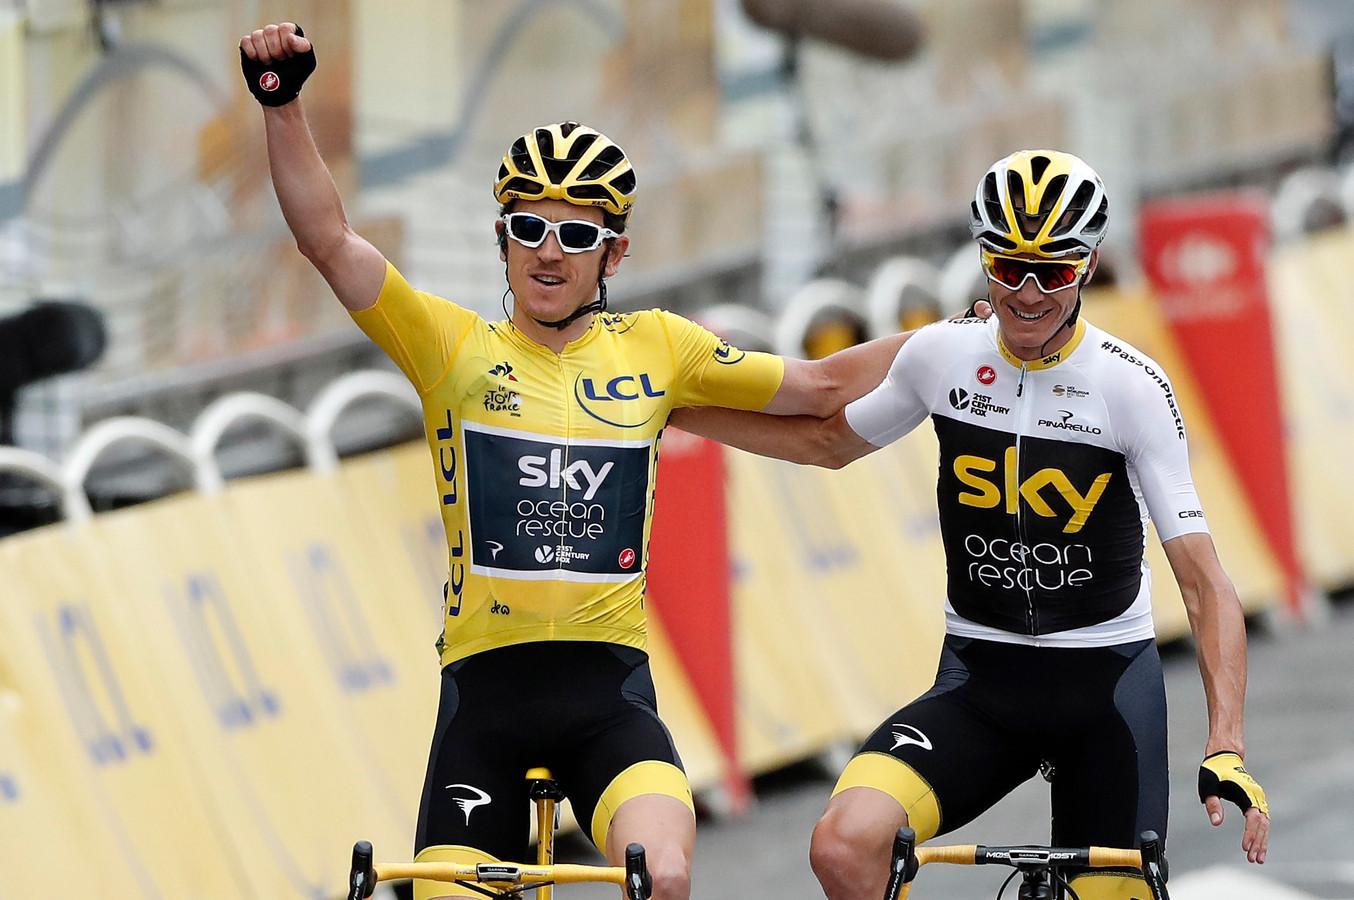 Vainqueur de la Grande Boucle en 2018 et deuxième l'an dernier, Geraint Thomas n'est pas emballé par l'idée d'un Tour de France à huis-clos l'été prochain.